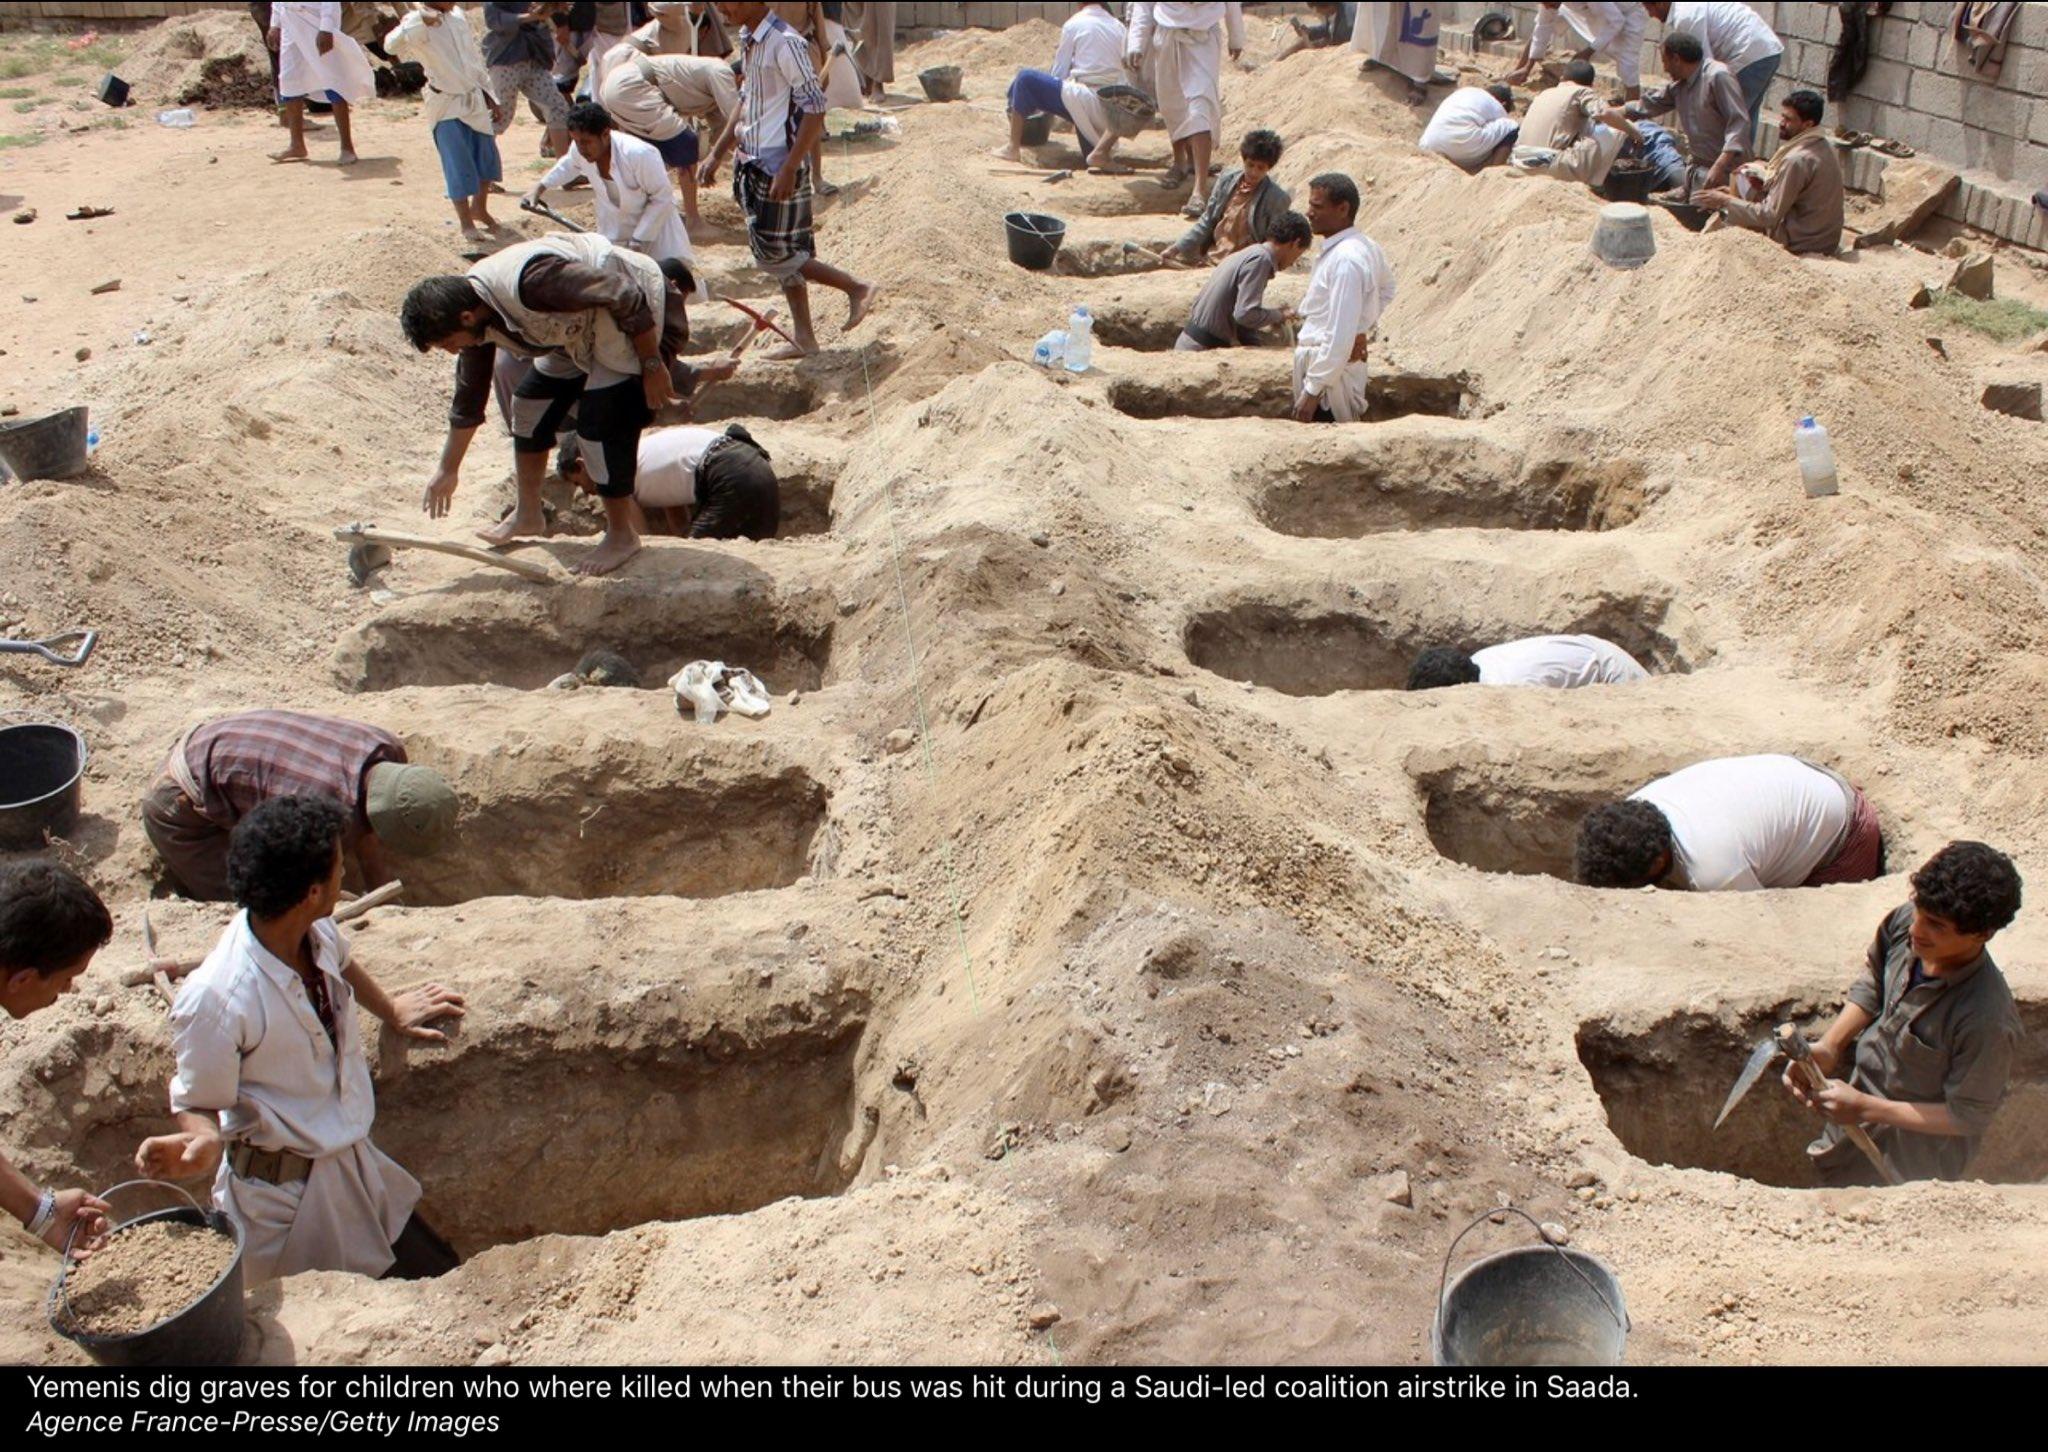 Menggali kuburan untuk anak2 yang terbunuh karena bus mereka dibom Arab Saudi, Taman. Foto dari Wall Street Journal https://t.co/DVxzbC2wqh